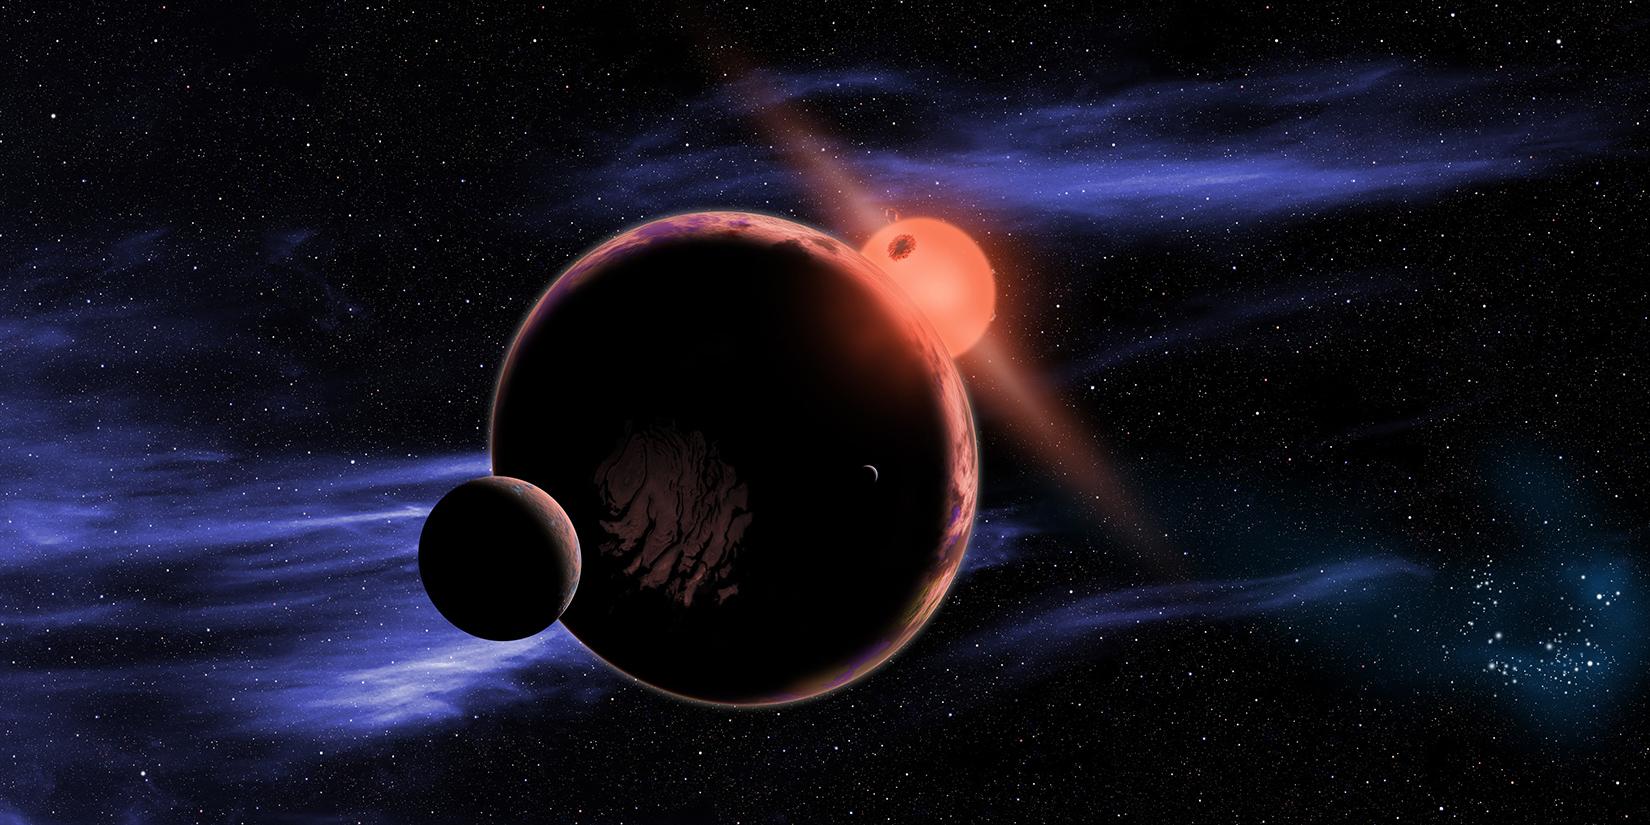 Художествена концепция за обитаема планета с две луни, обикаляща около червено джудже. Според изследването 6% от тези звезди имат подобни на Земята планети (кликни за по-голяма версия). Изображение: David A. Aguilar (CfA)